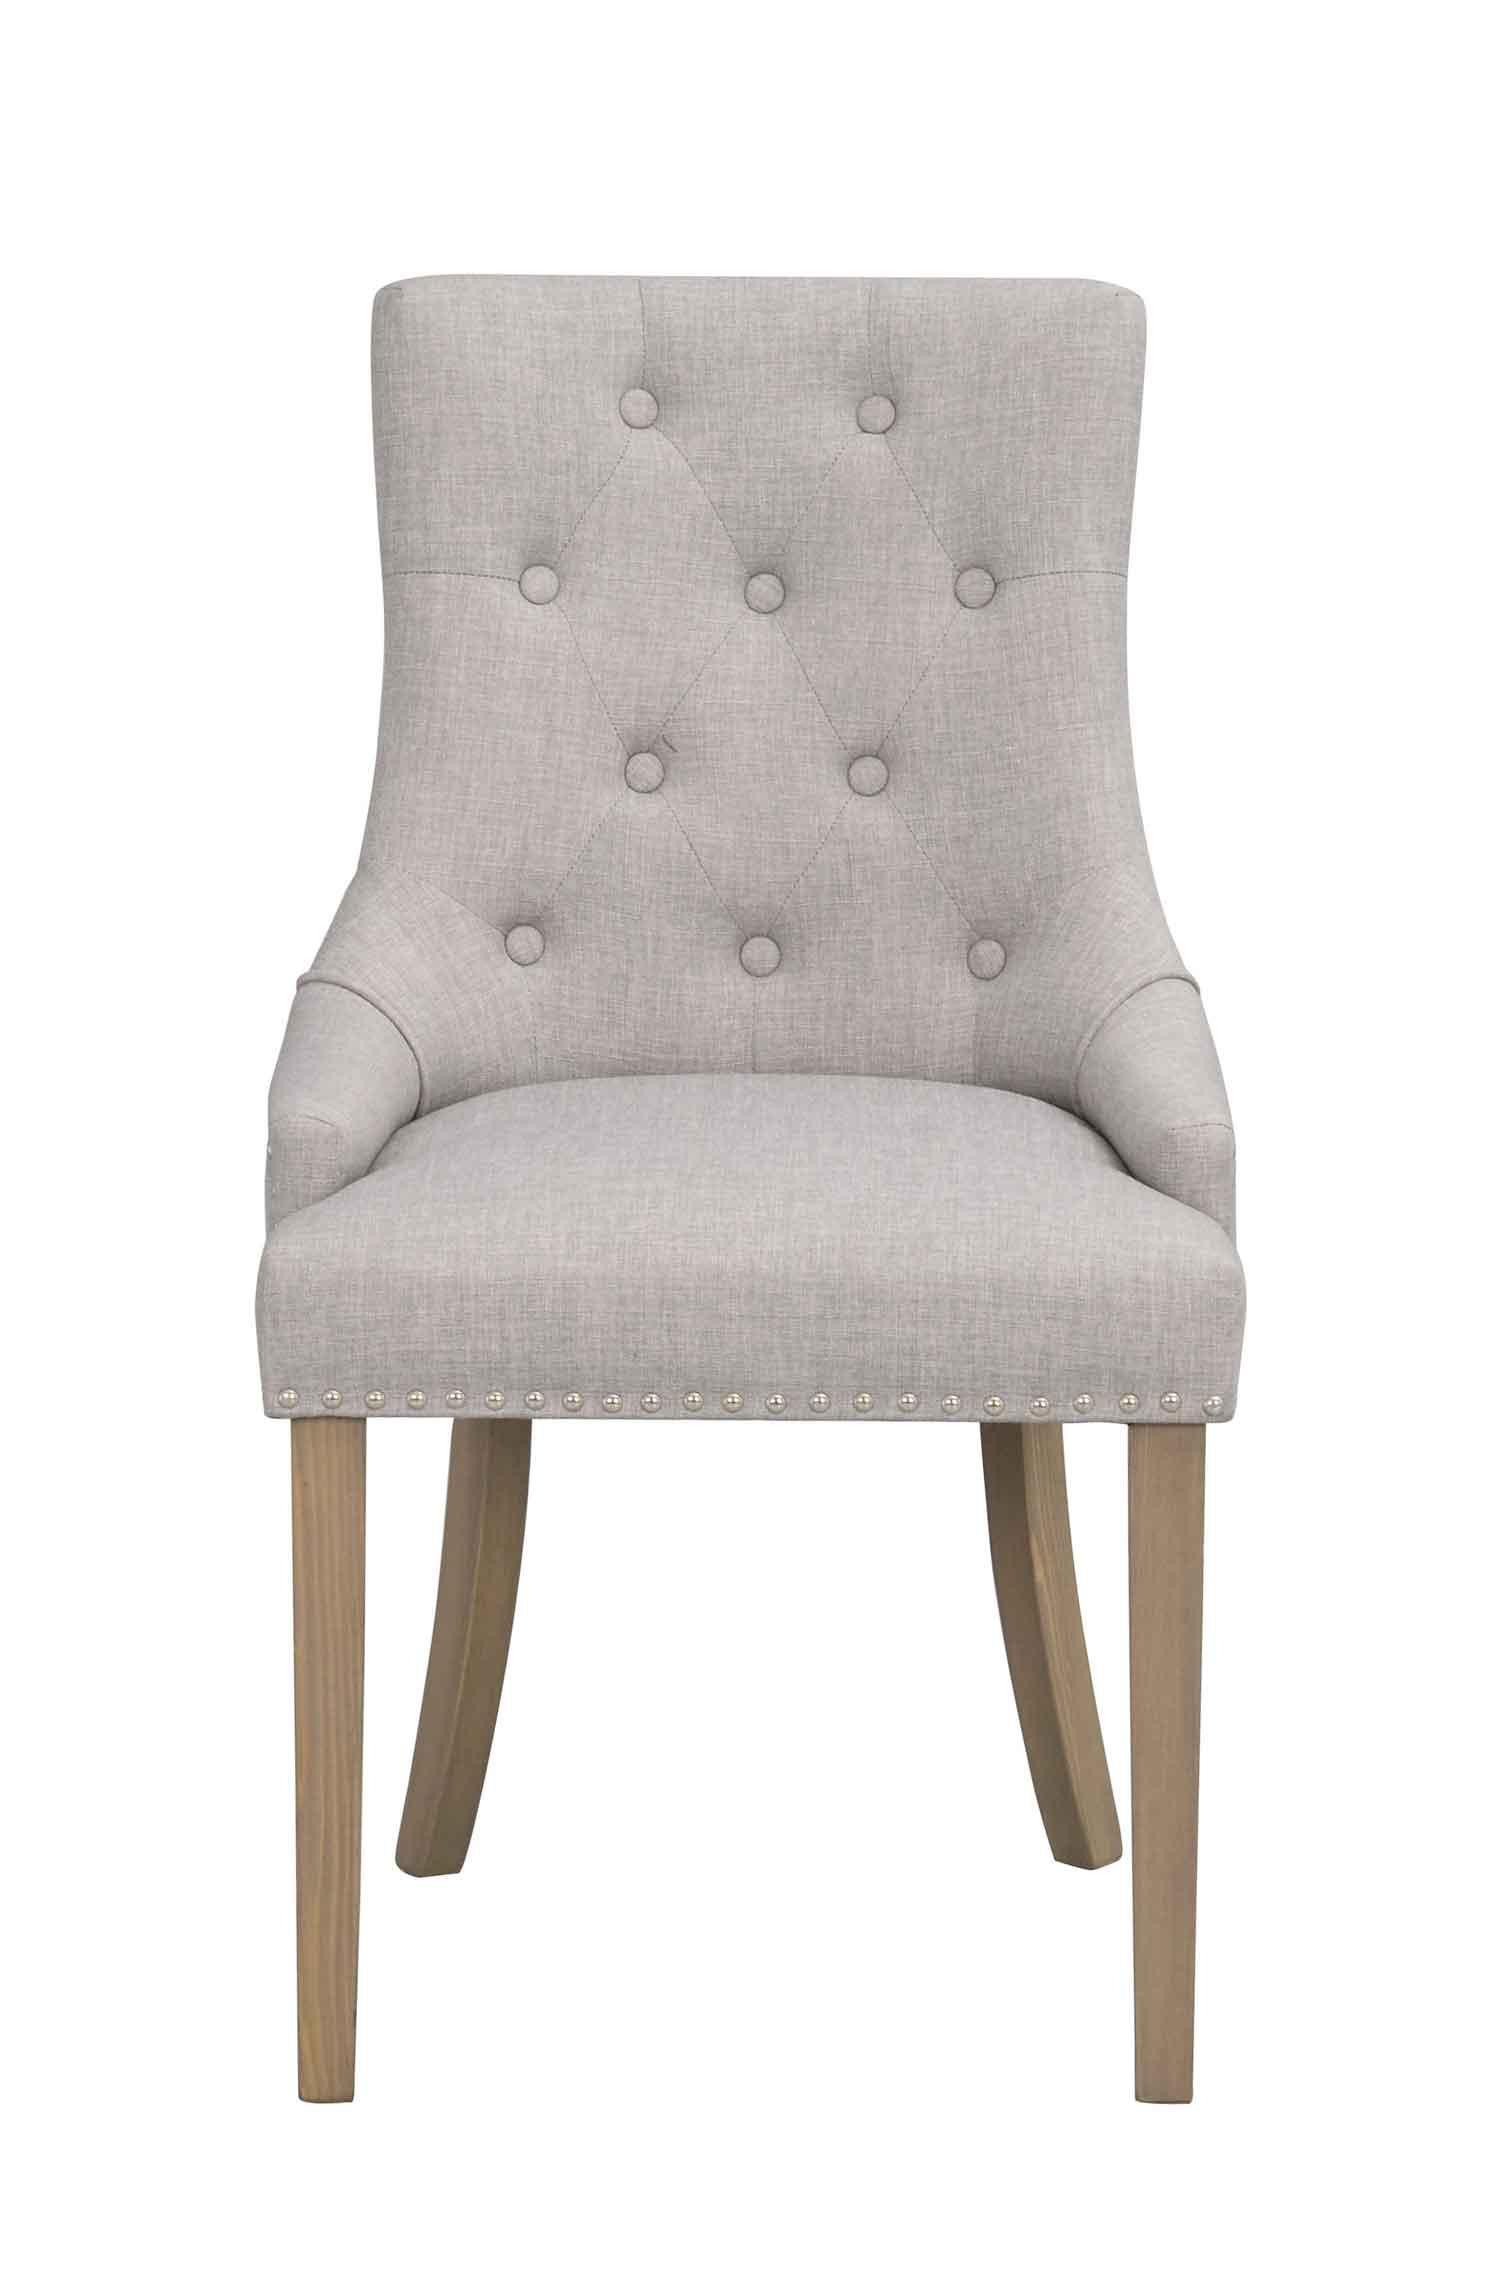 ROWICO Vicky spisebordsstol - lysegråt stof/antikt look træben